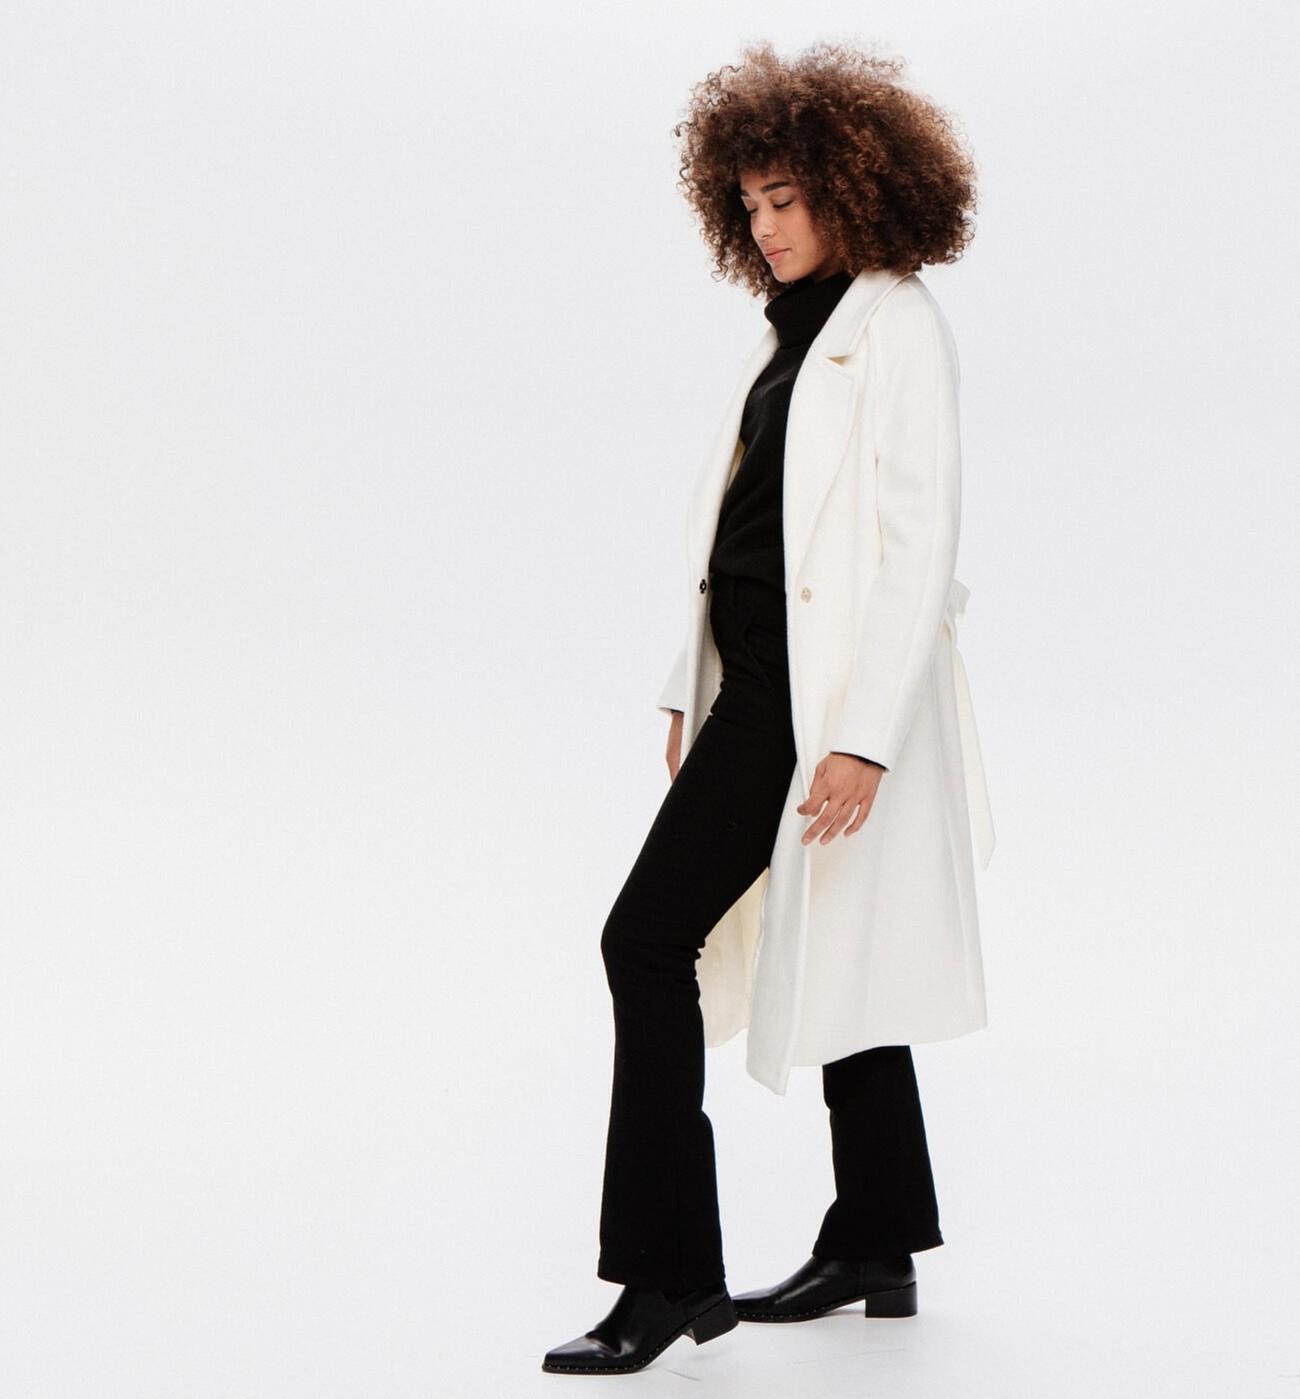 Long manteau en laine mélangée, doublure en polyester recyclée, Promod, 70€ au lieu de 129,95€.